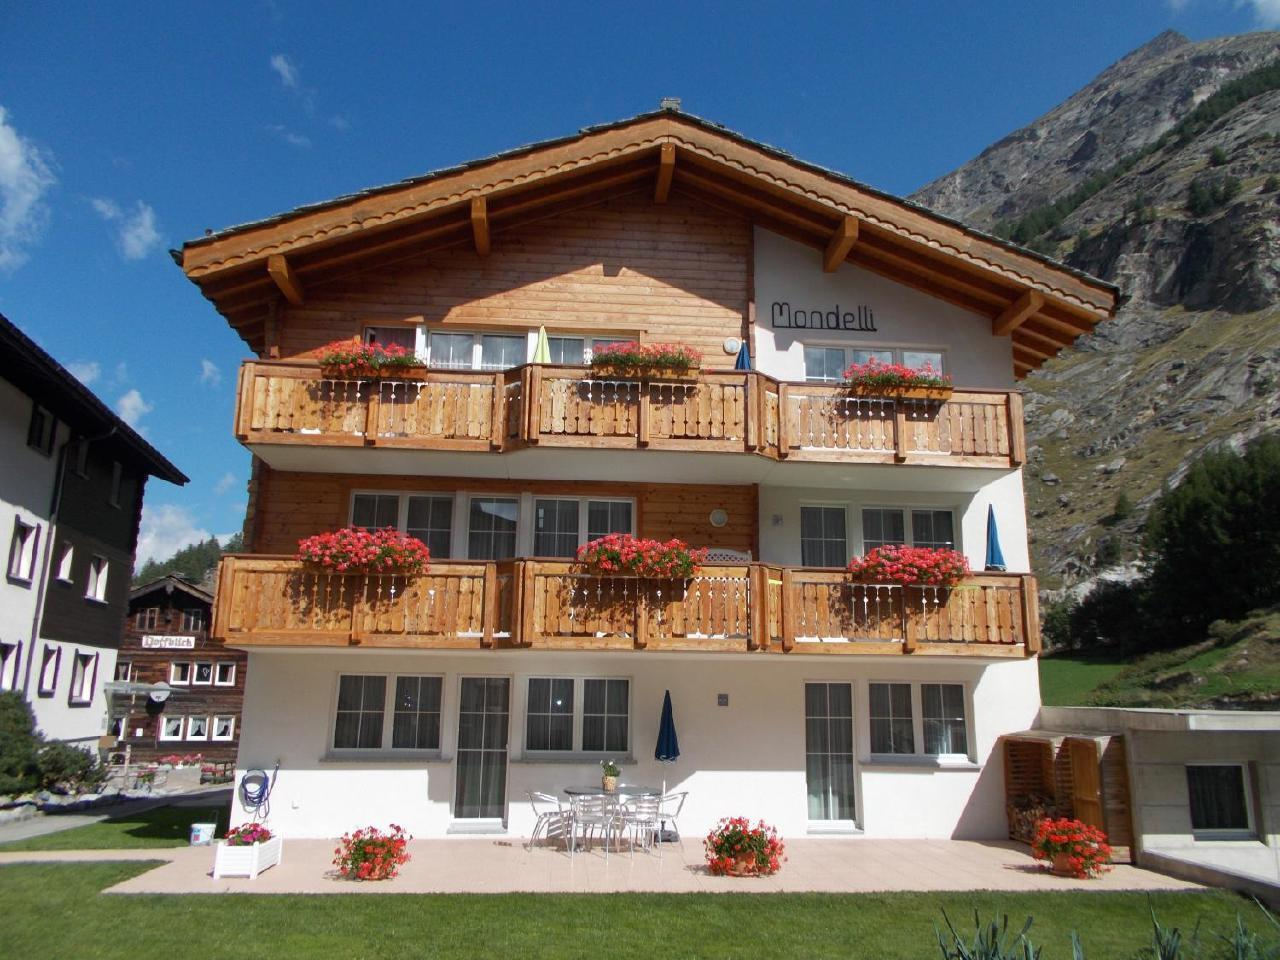 Ferienwohnung Topwohnung für 2 bis 5 Personen mit zwei getrennten Schlafzimmern (725889), Saas Almagell, Saastal, Wallis, Schweiz, Bild 1